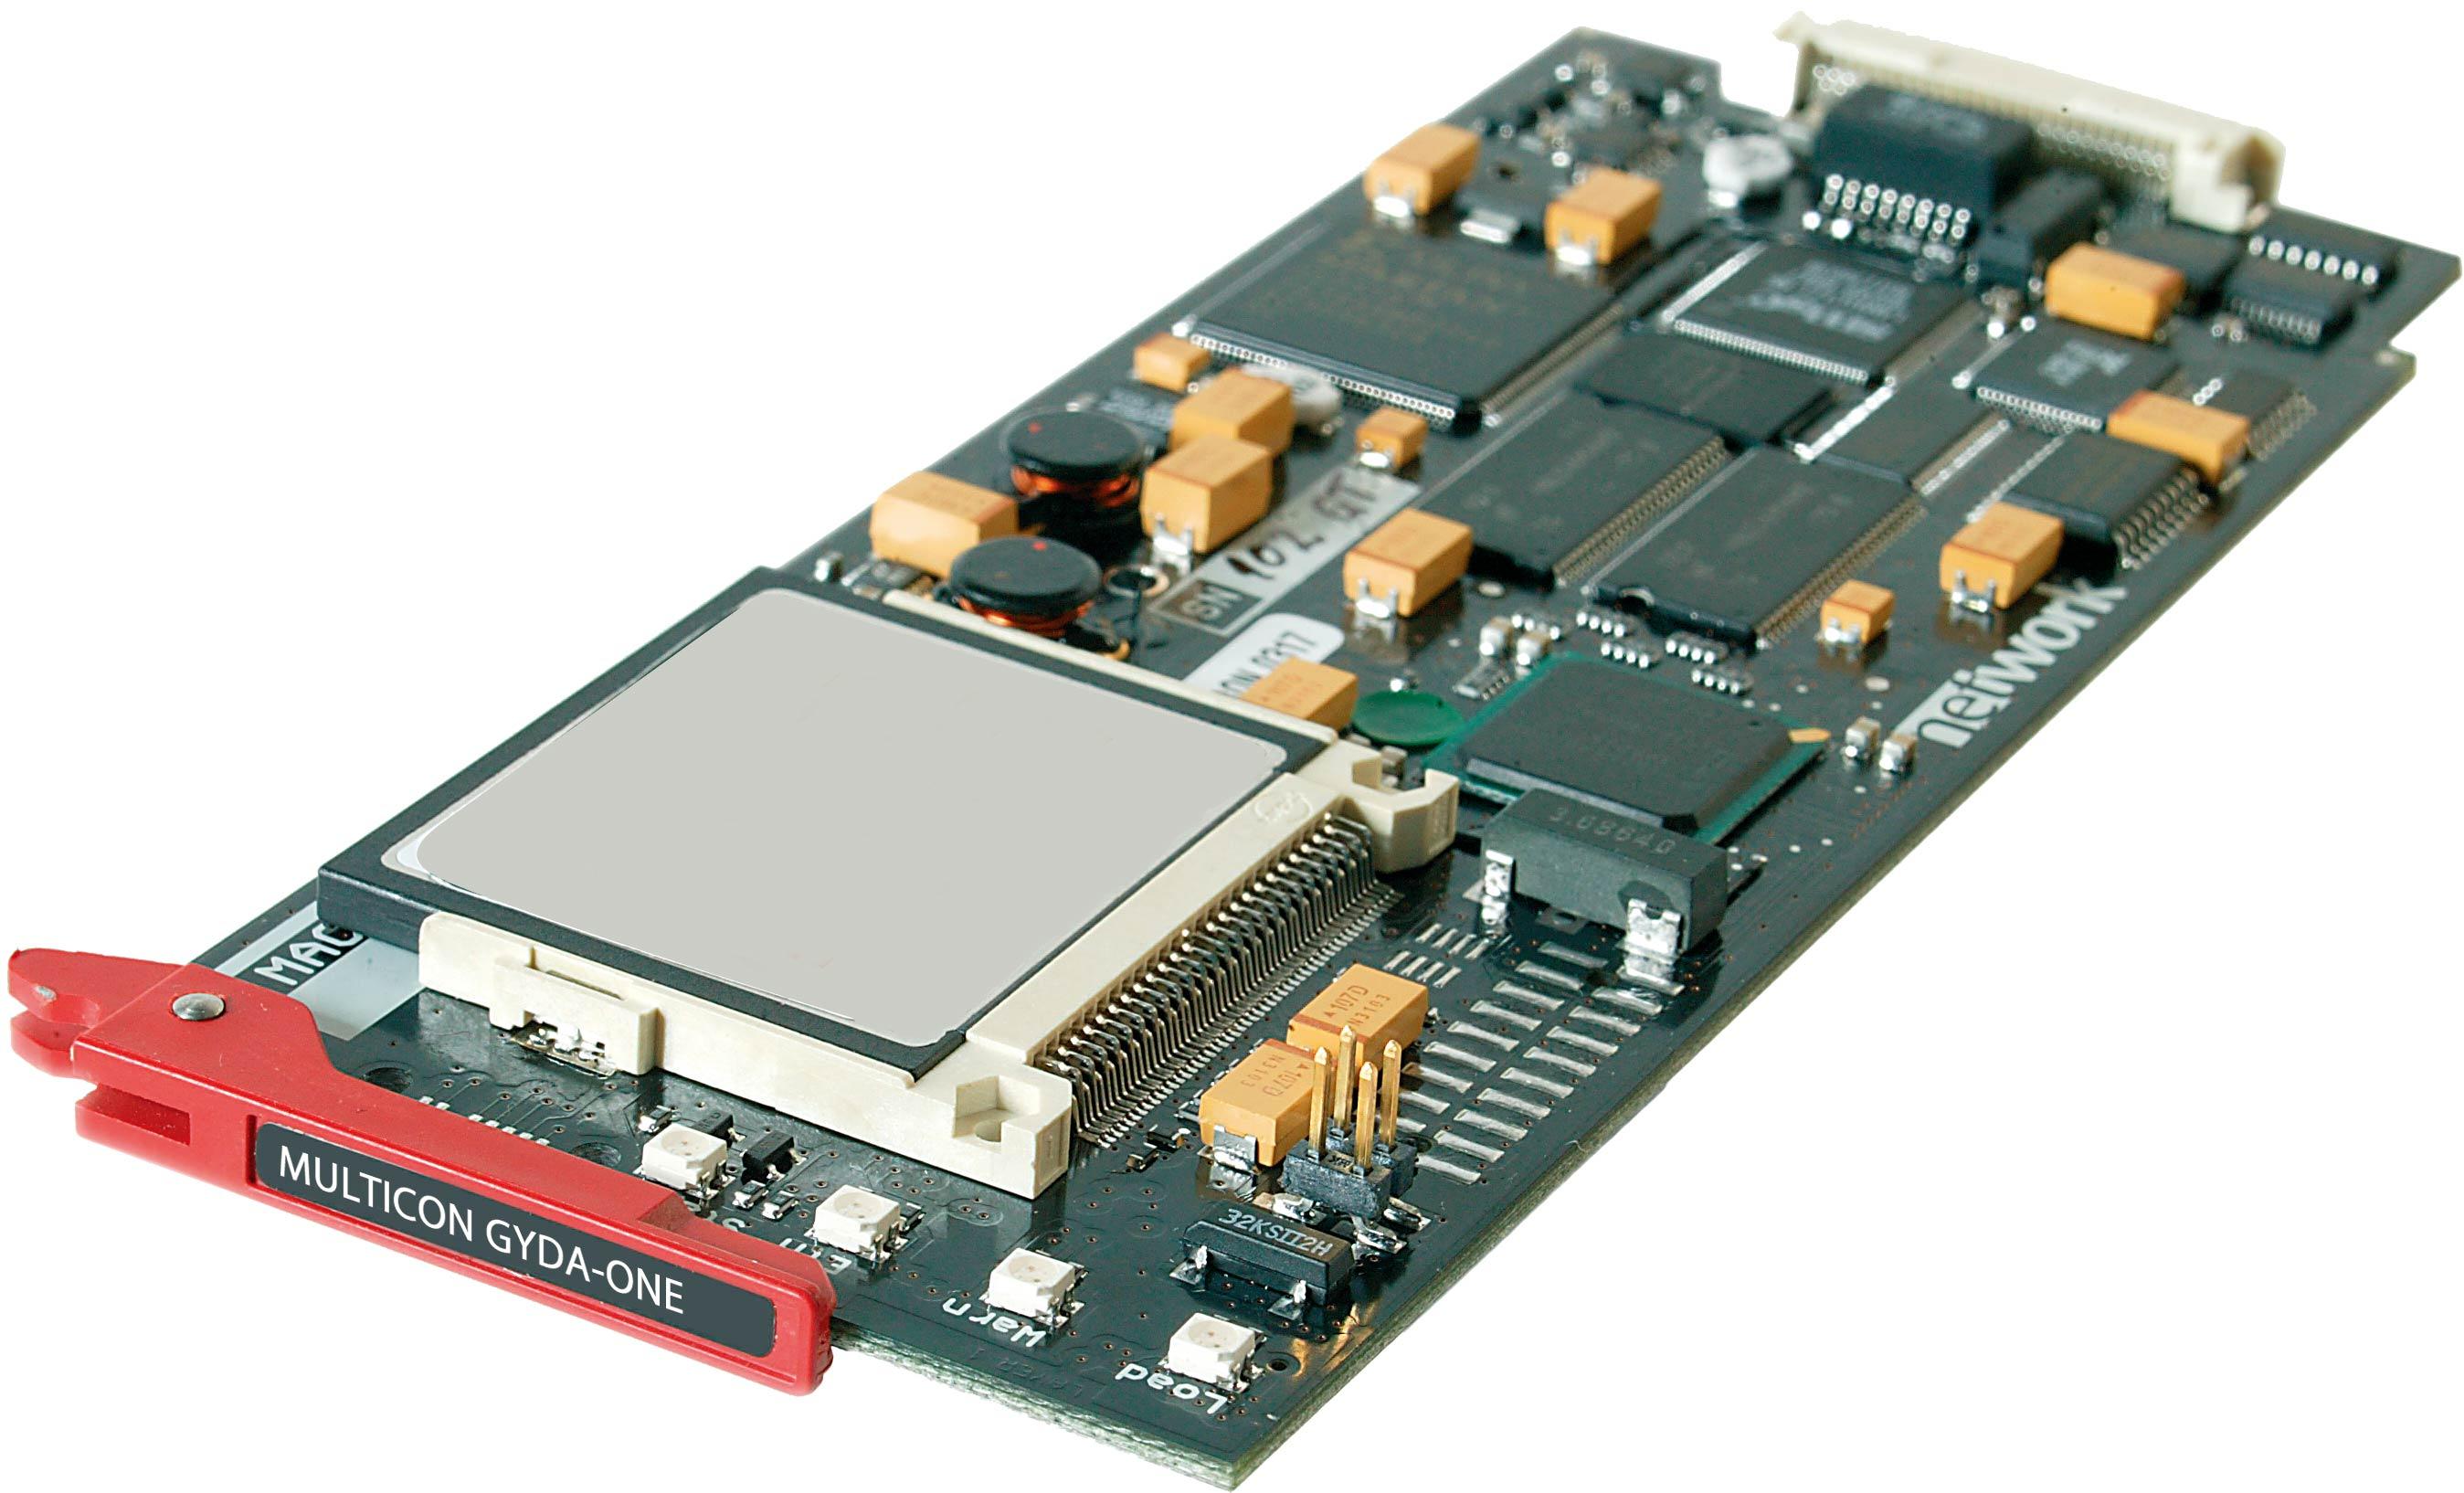 Multicon_GYDA-ONE_board